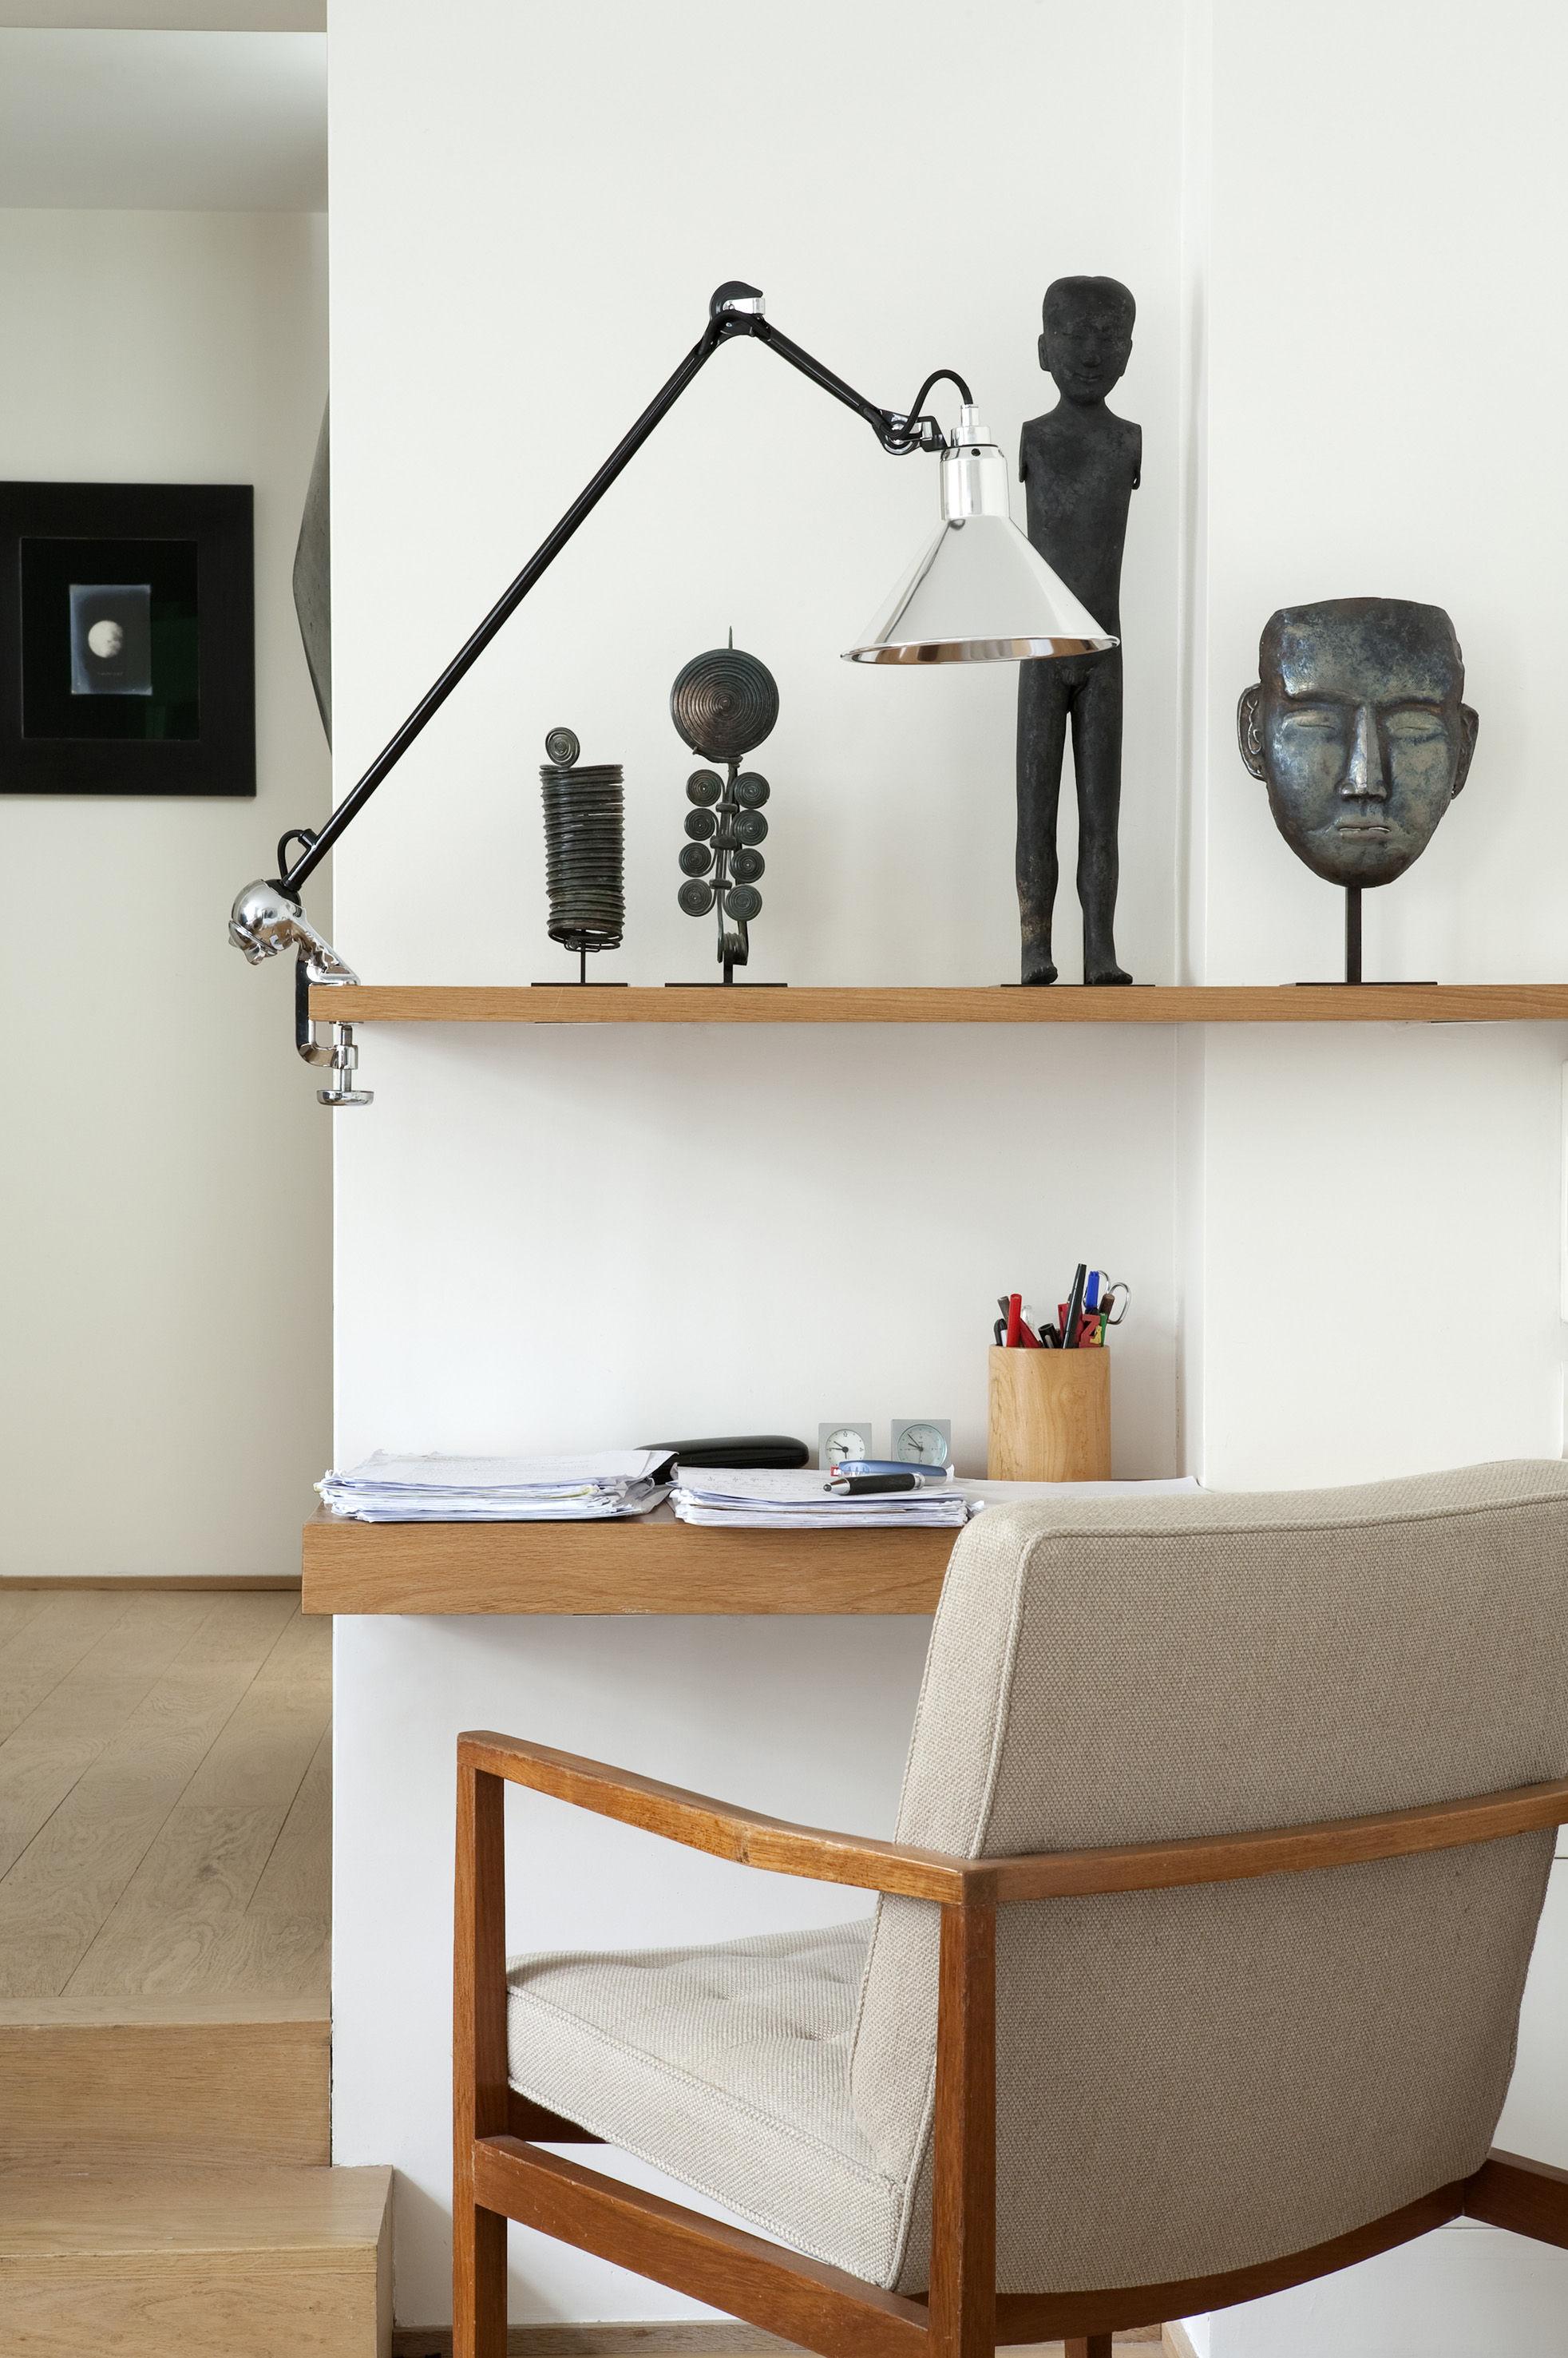 lampe d 39 architecte n 201 base tau lampe gras abat jour noir bras noir dcw ditions. Black Bedroom Furniture Sets. Home Design Ideas